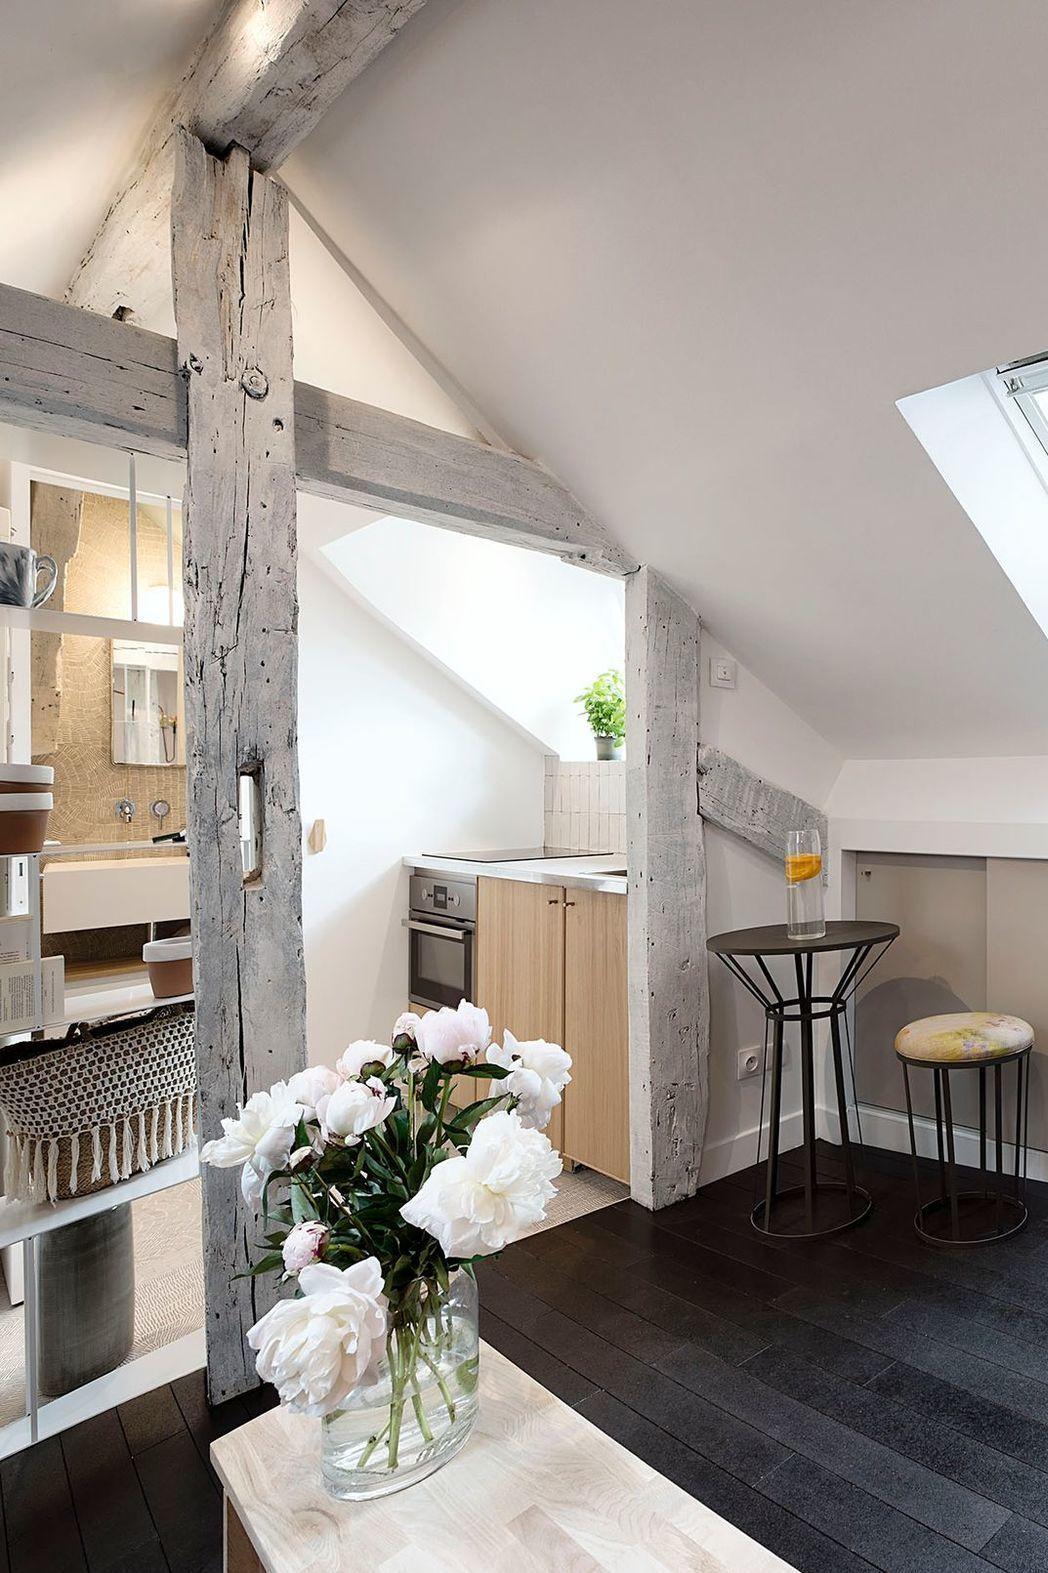 Chambre de bonne paris petits espaces transform s par - Architecte interieur paris petite surface ...